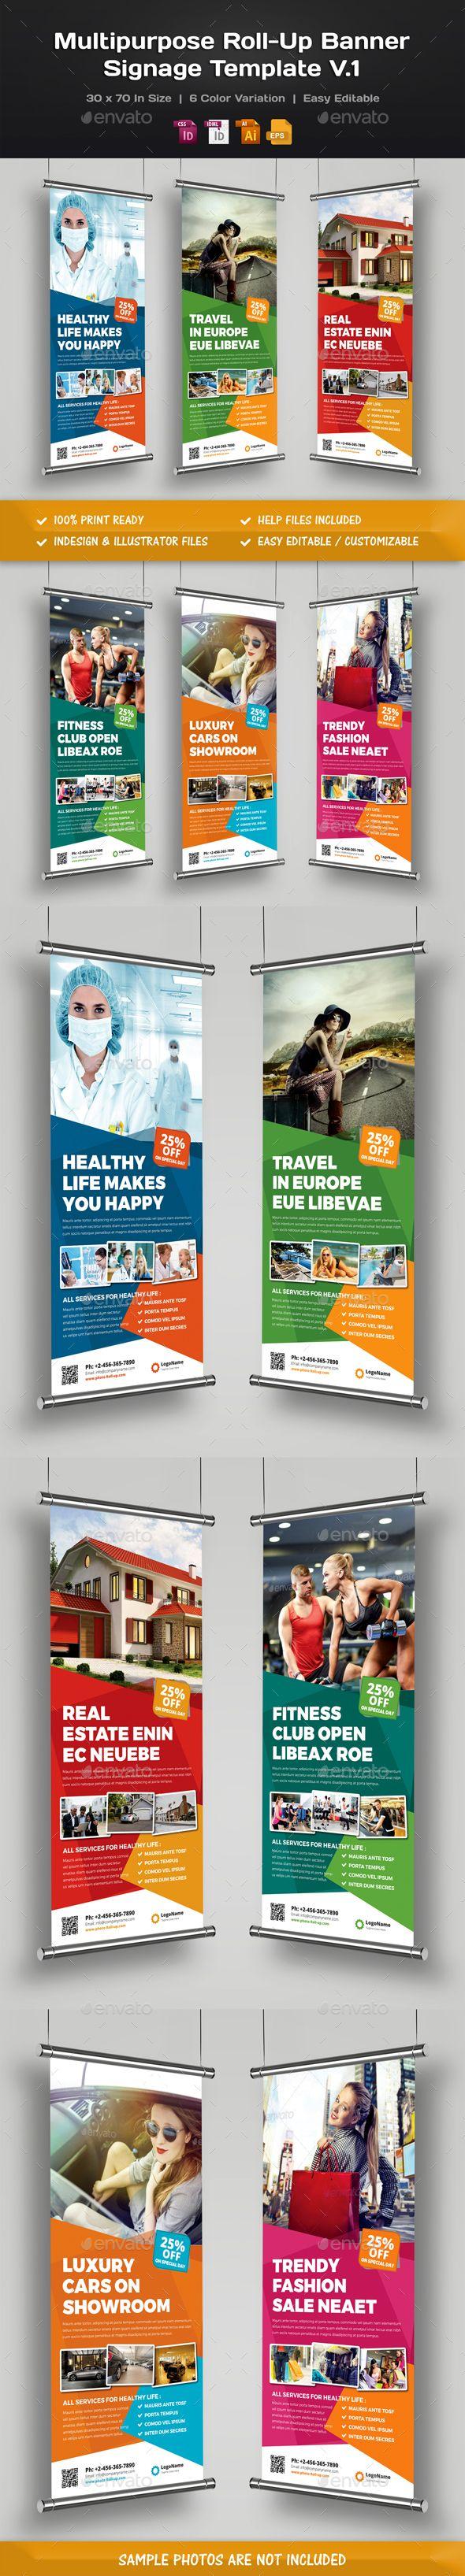 Design large banner in illustrator - Multipurpose Roll Up Banner Signage Template Vector Eps Indesign Indd Ai Illustrator